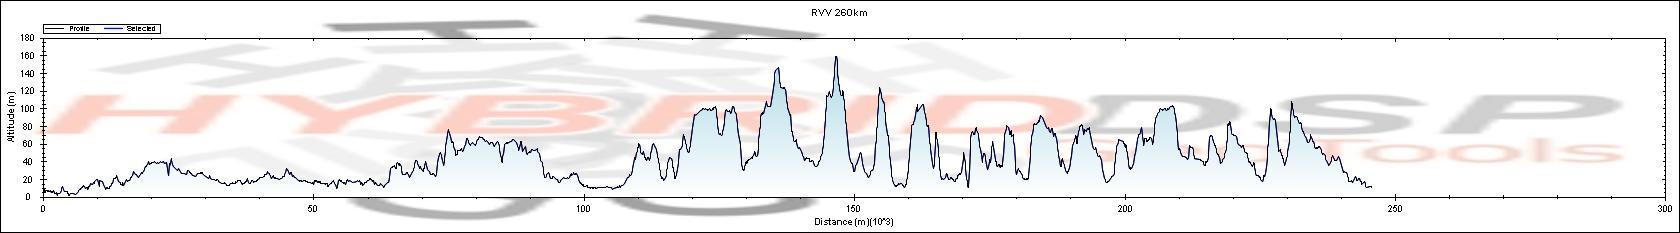 profile Ronde van Vlaanderen 2011